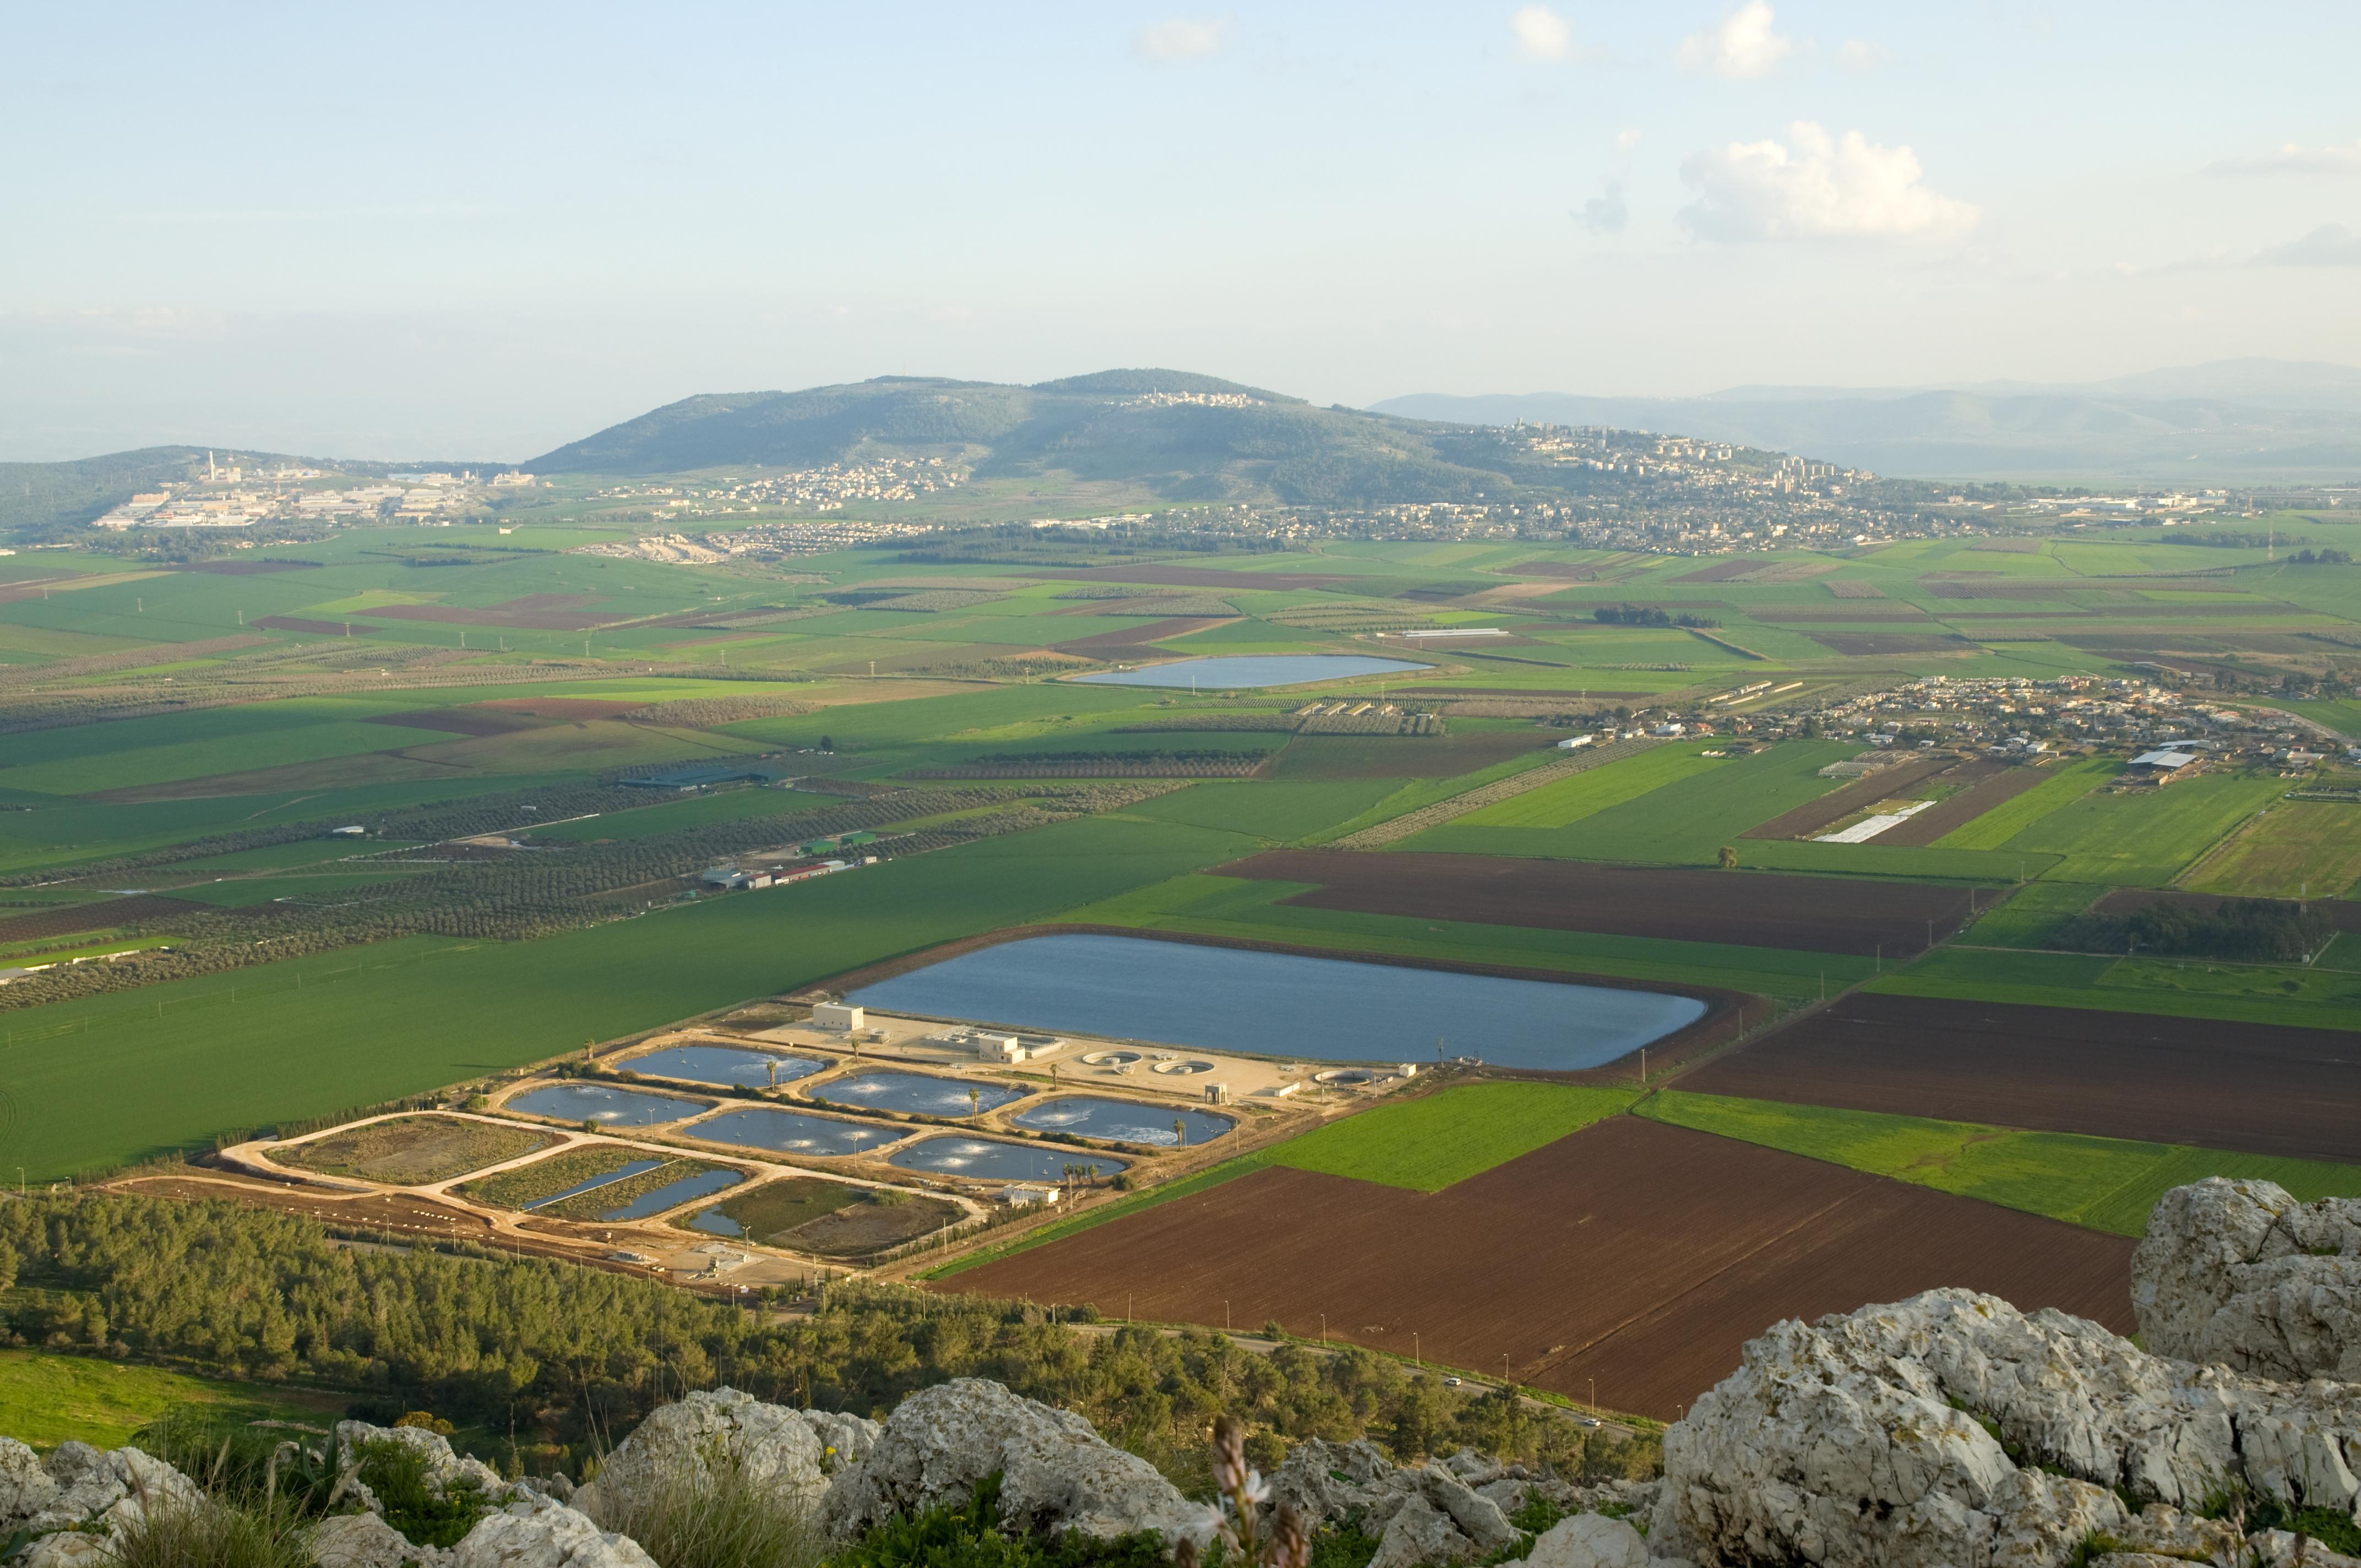 Israel Valleys